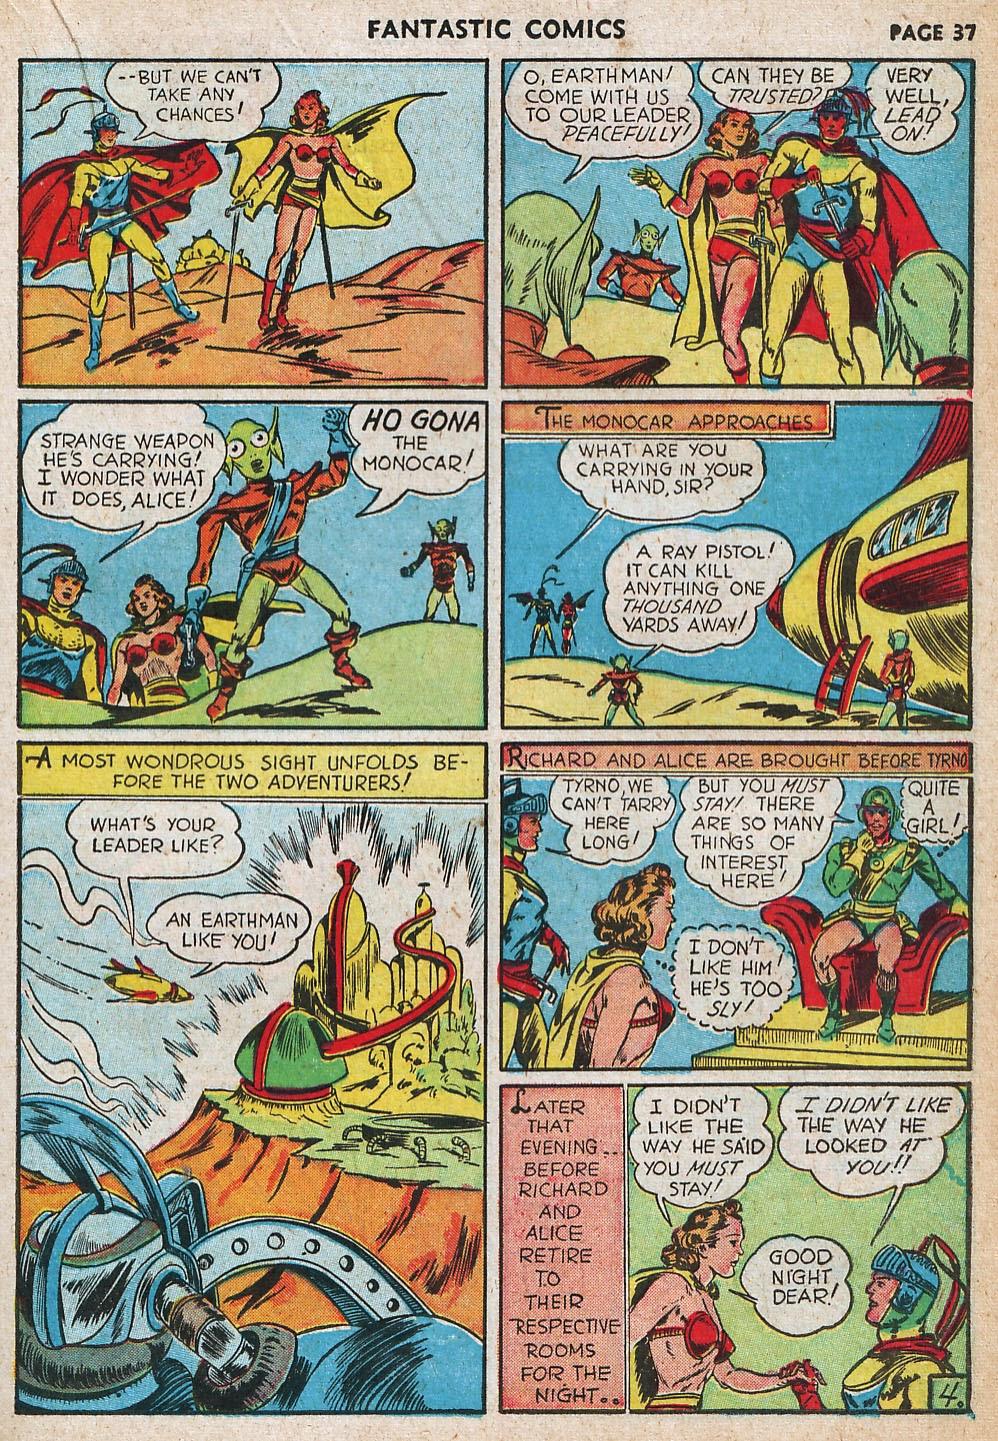 Read online Fantastic Comics comic -  Issue #20 - 37